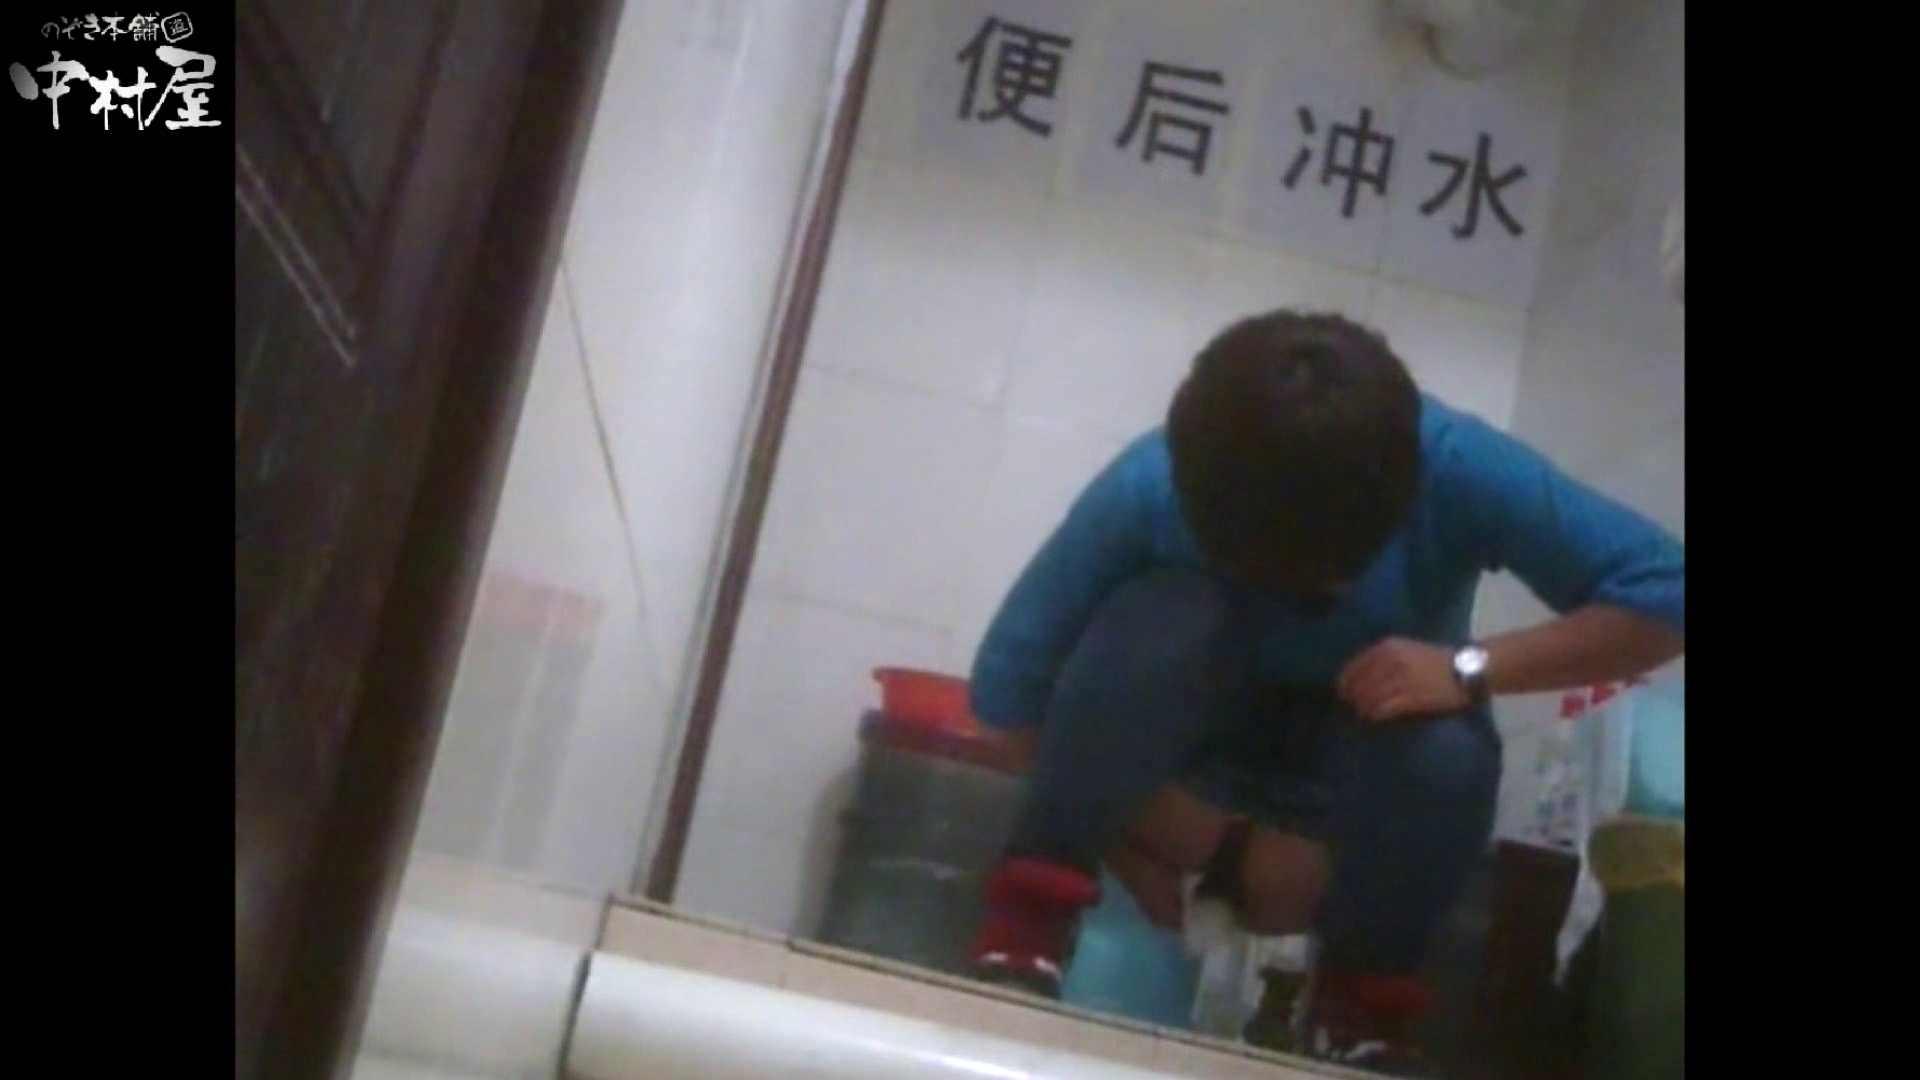 李さんの盗撮日記 Vol.12 OLセックス | トイレ  78画像 51